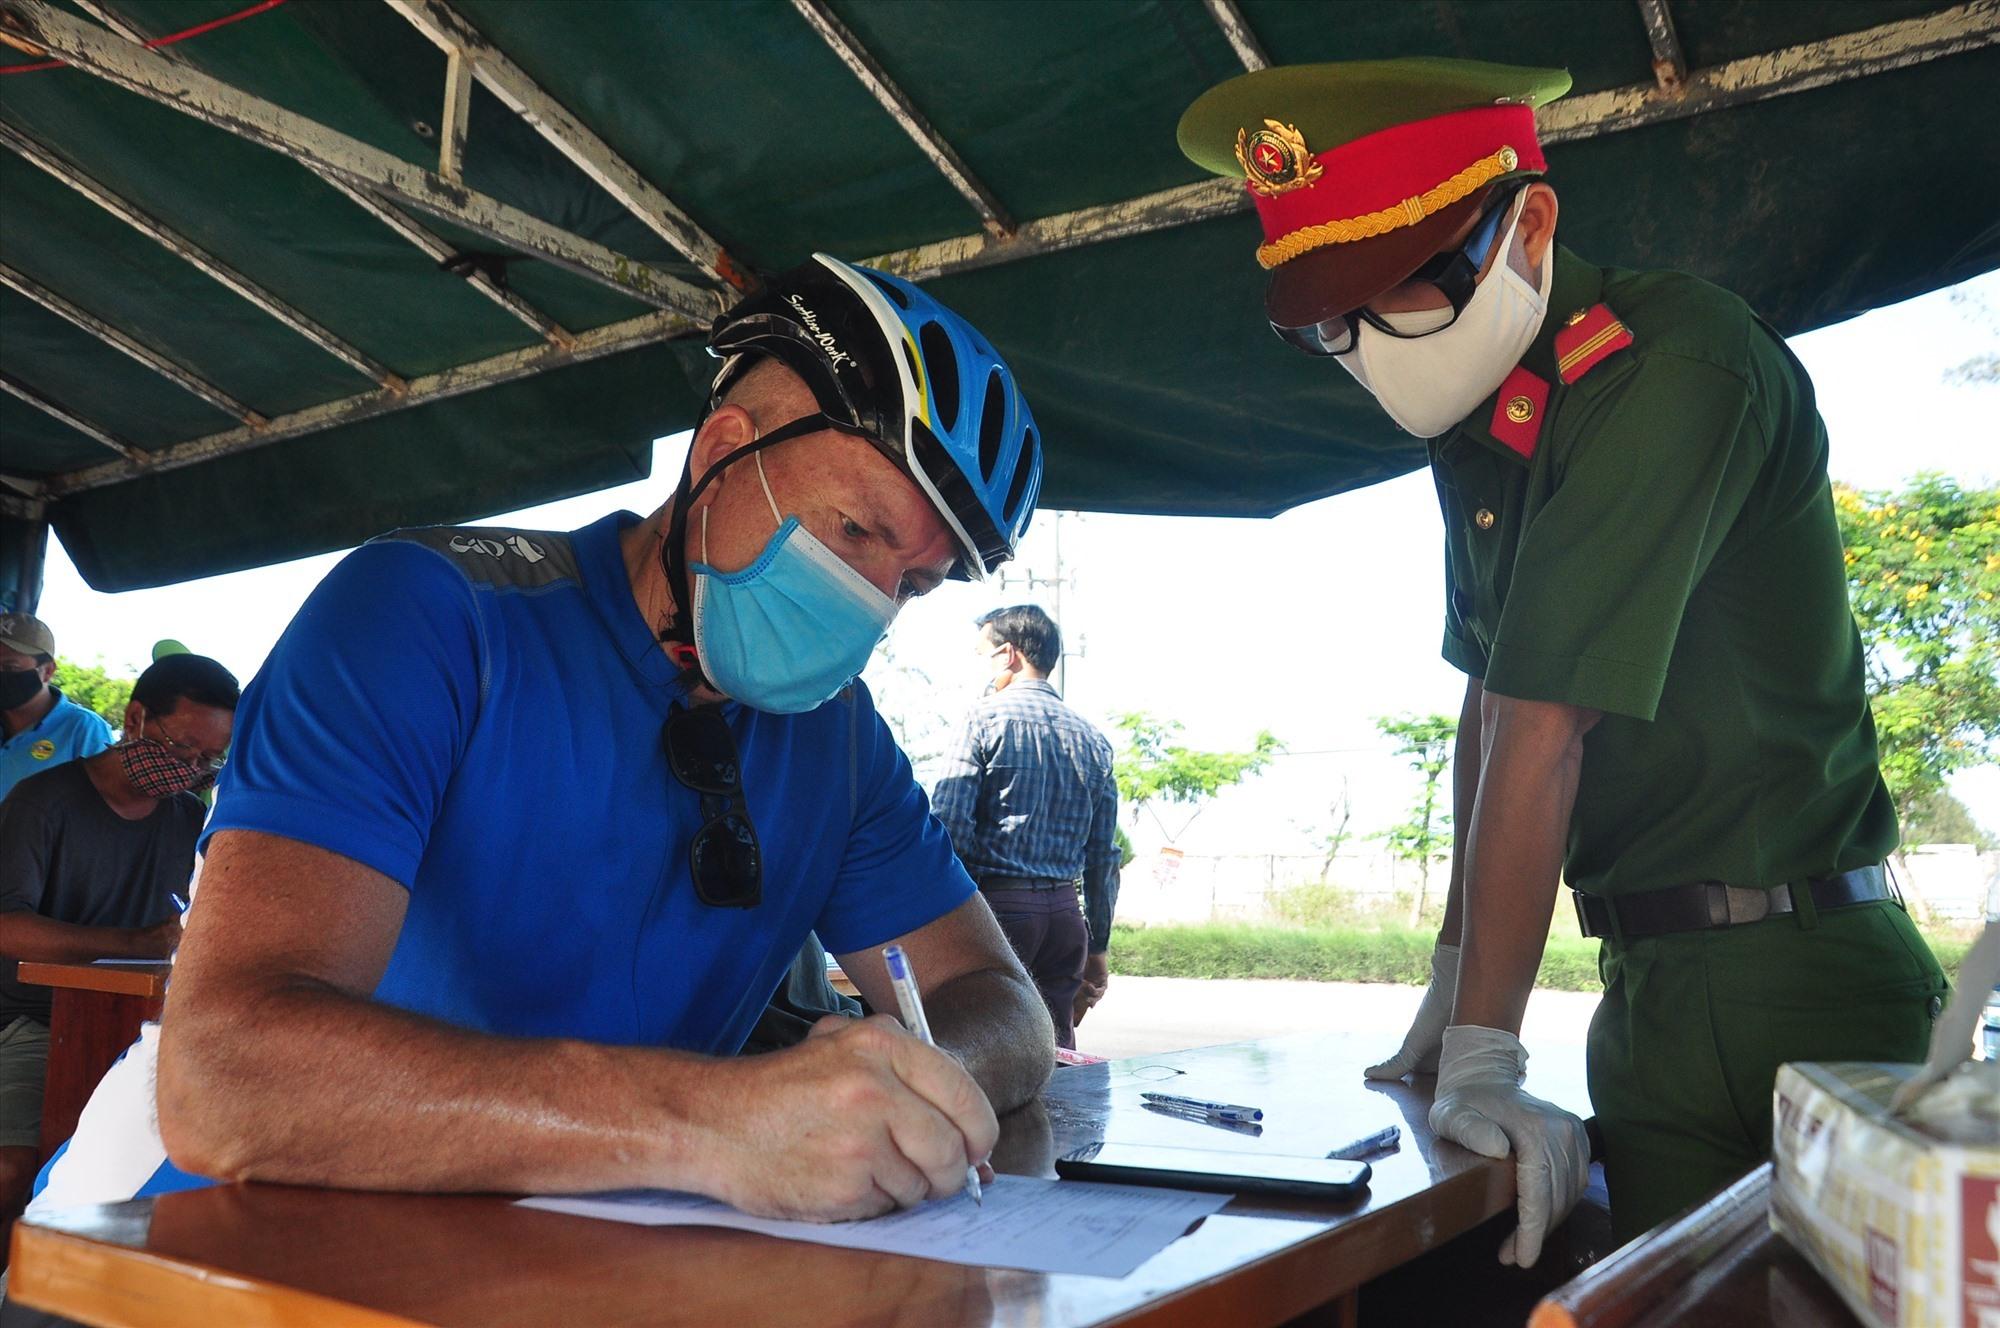 Du khách này là ông Michel Gemain, người Canada, làm việc tại TP.Đà Nẵng, tham gia khai báo y tế tại chốt kiểm soát. Ảnh: V.A